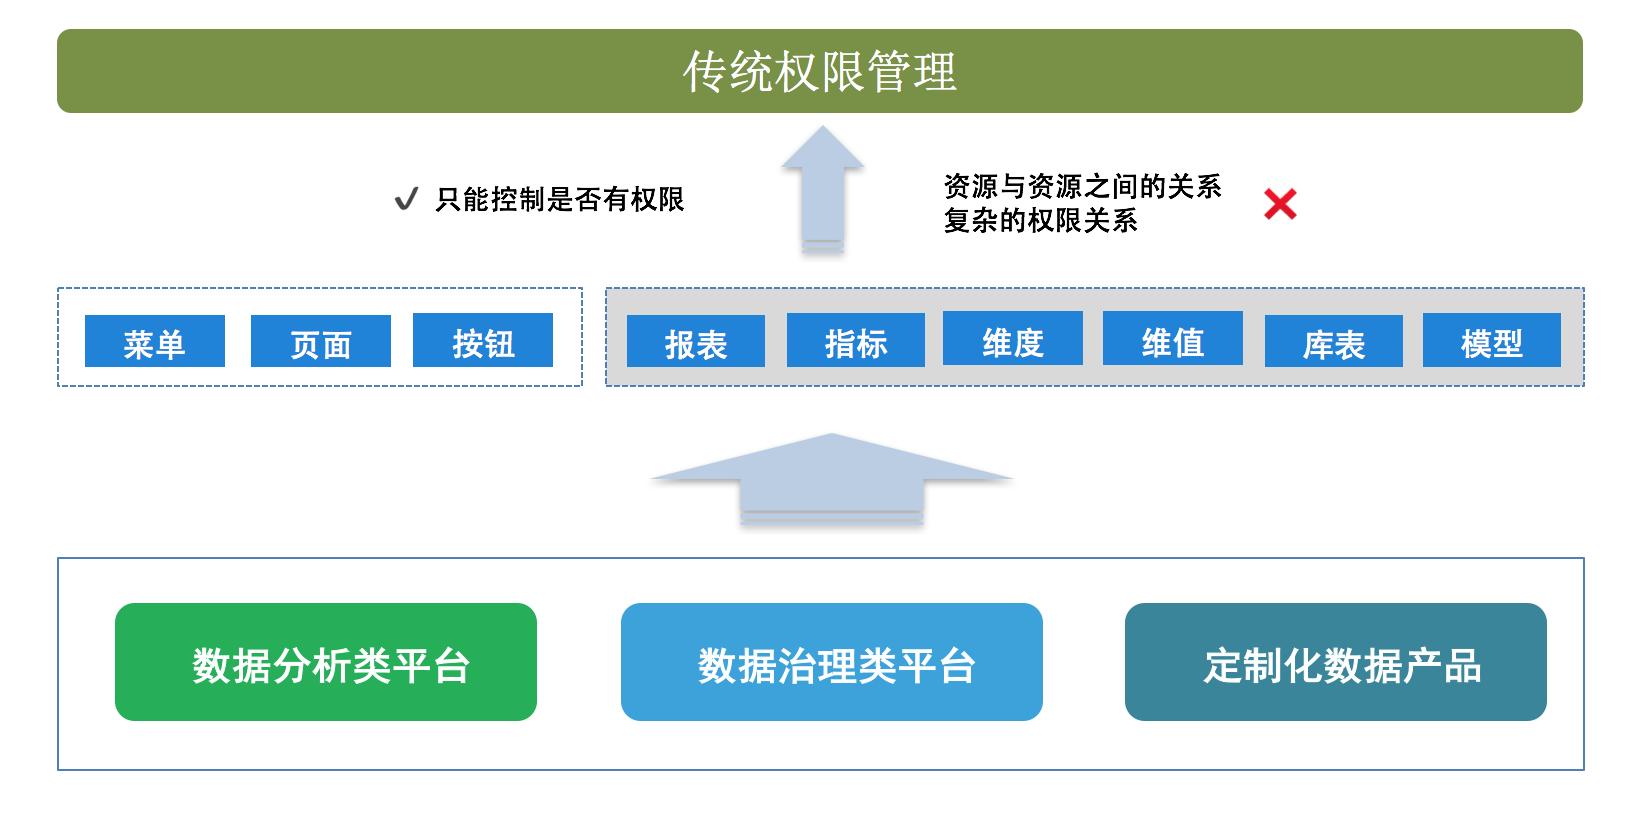 图1 权限背景